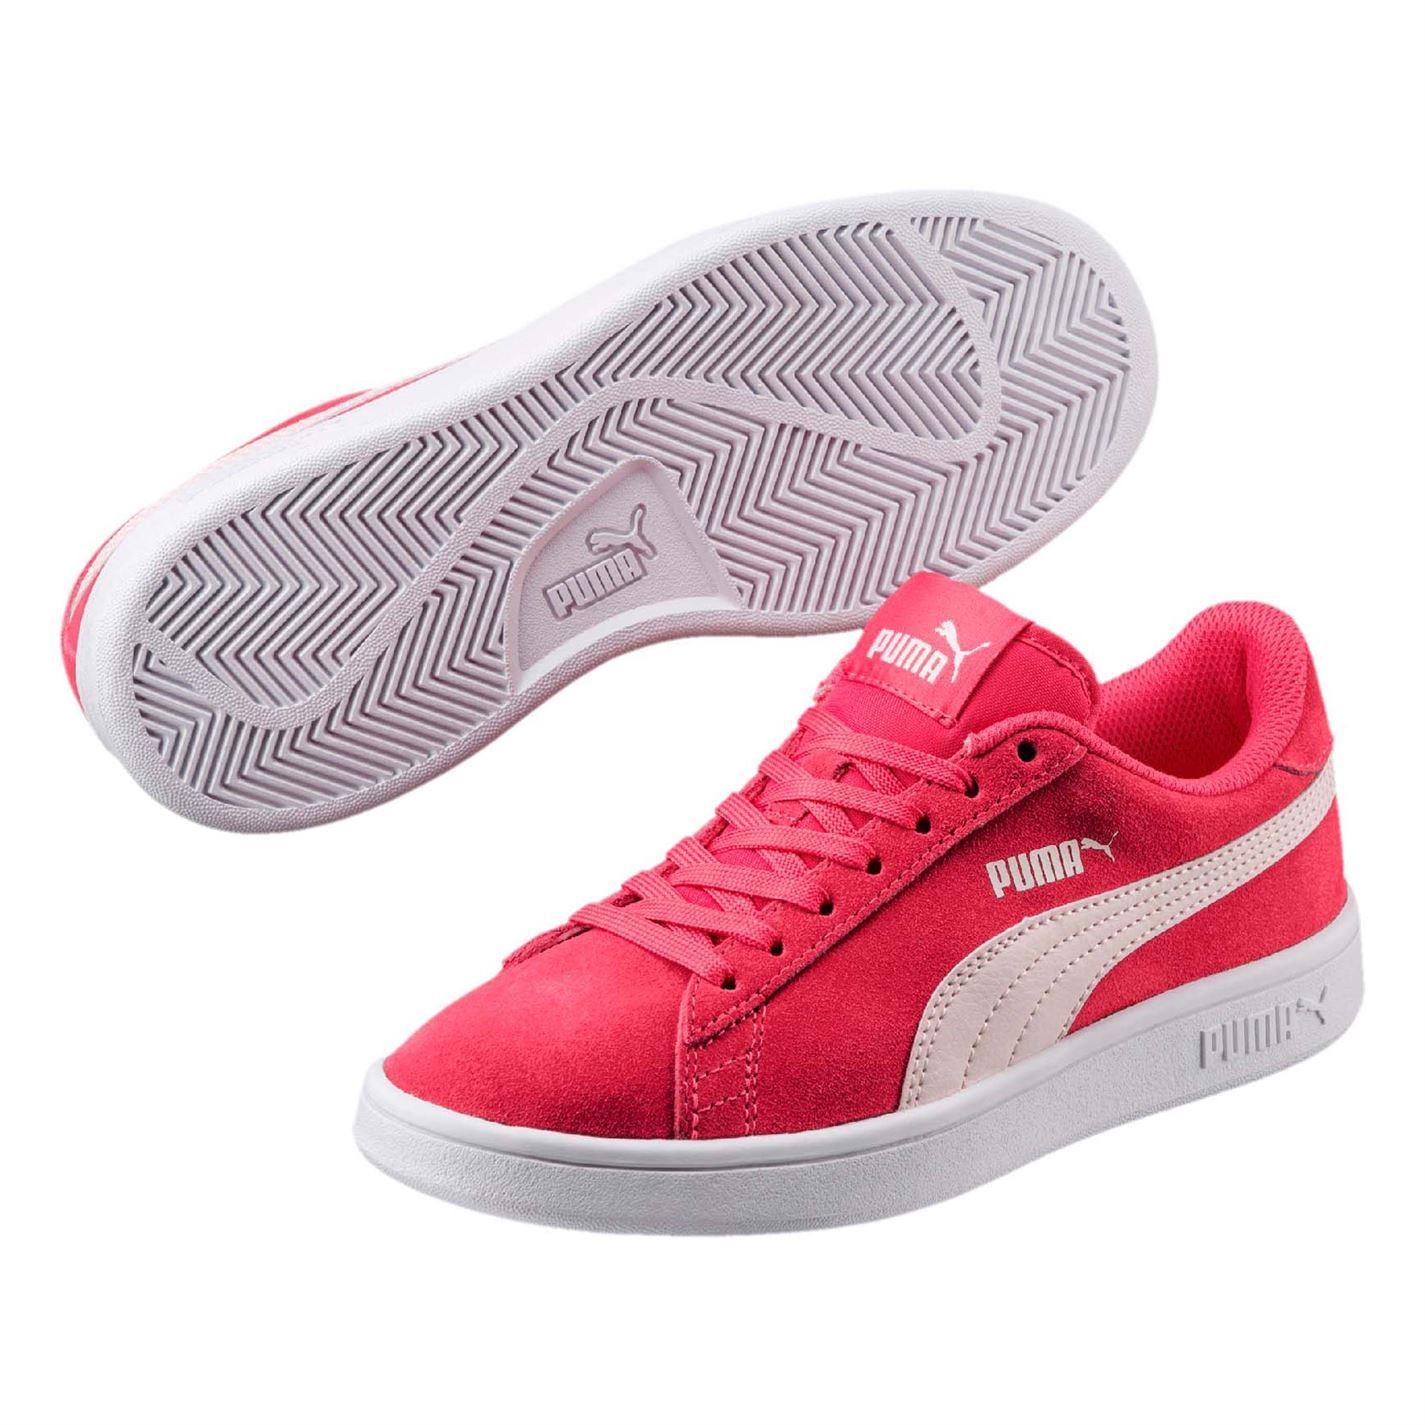 Détails sur Puma Smash Daim Junior Baskets Fille Rose Chaussures Chaussures